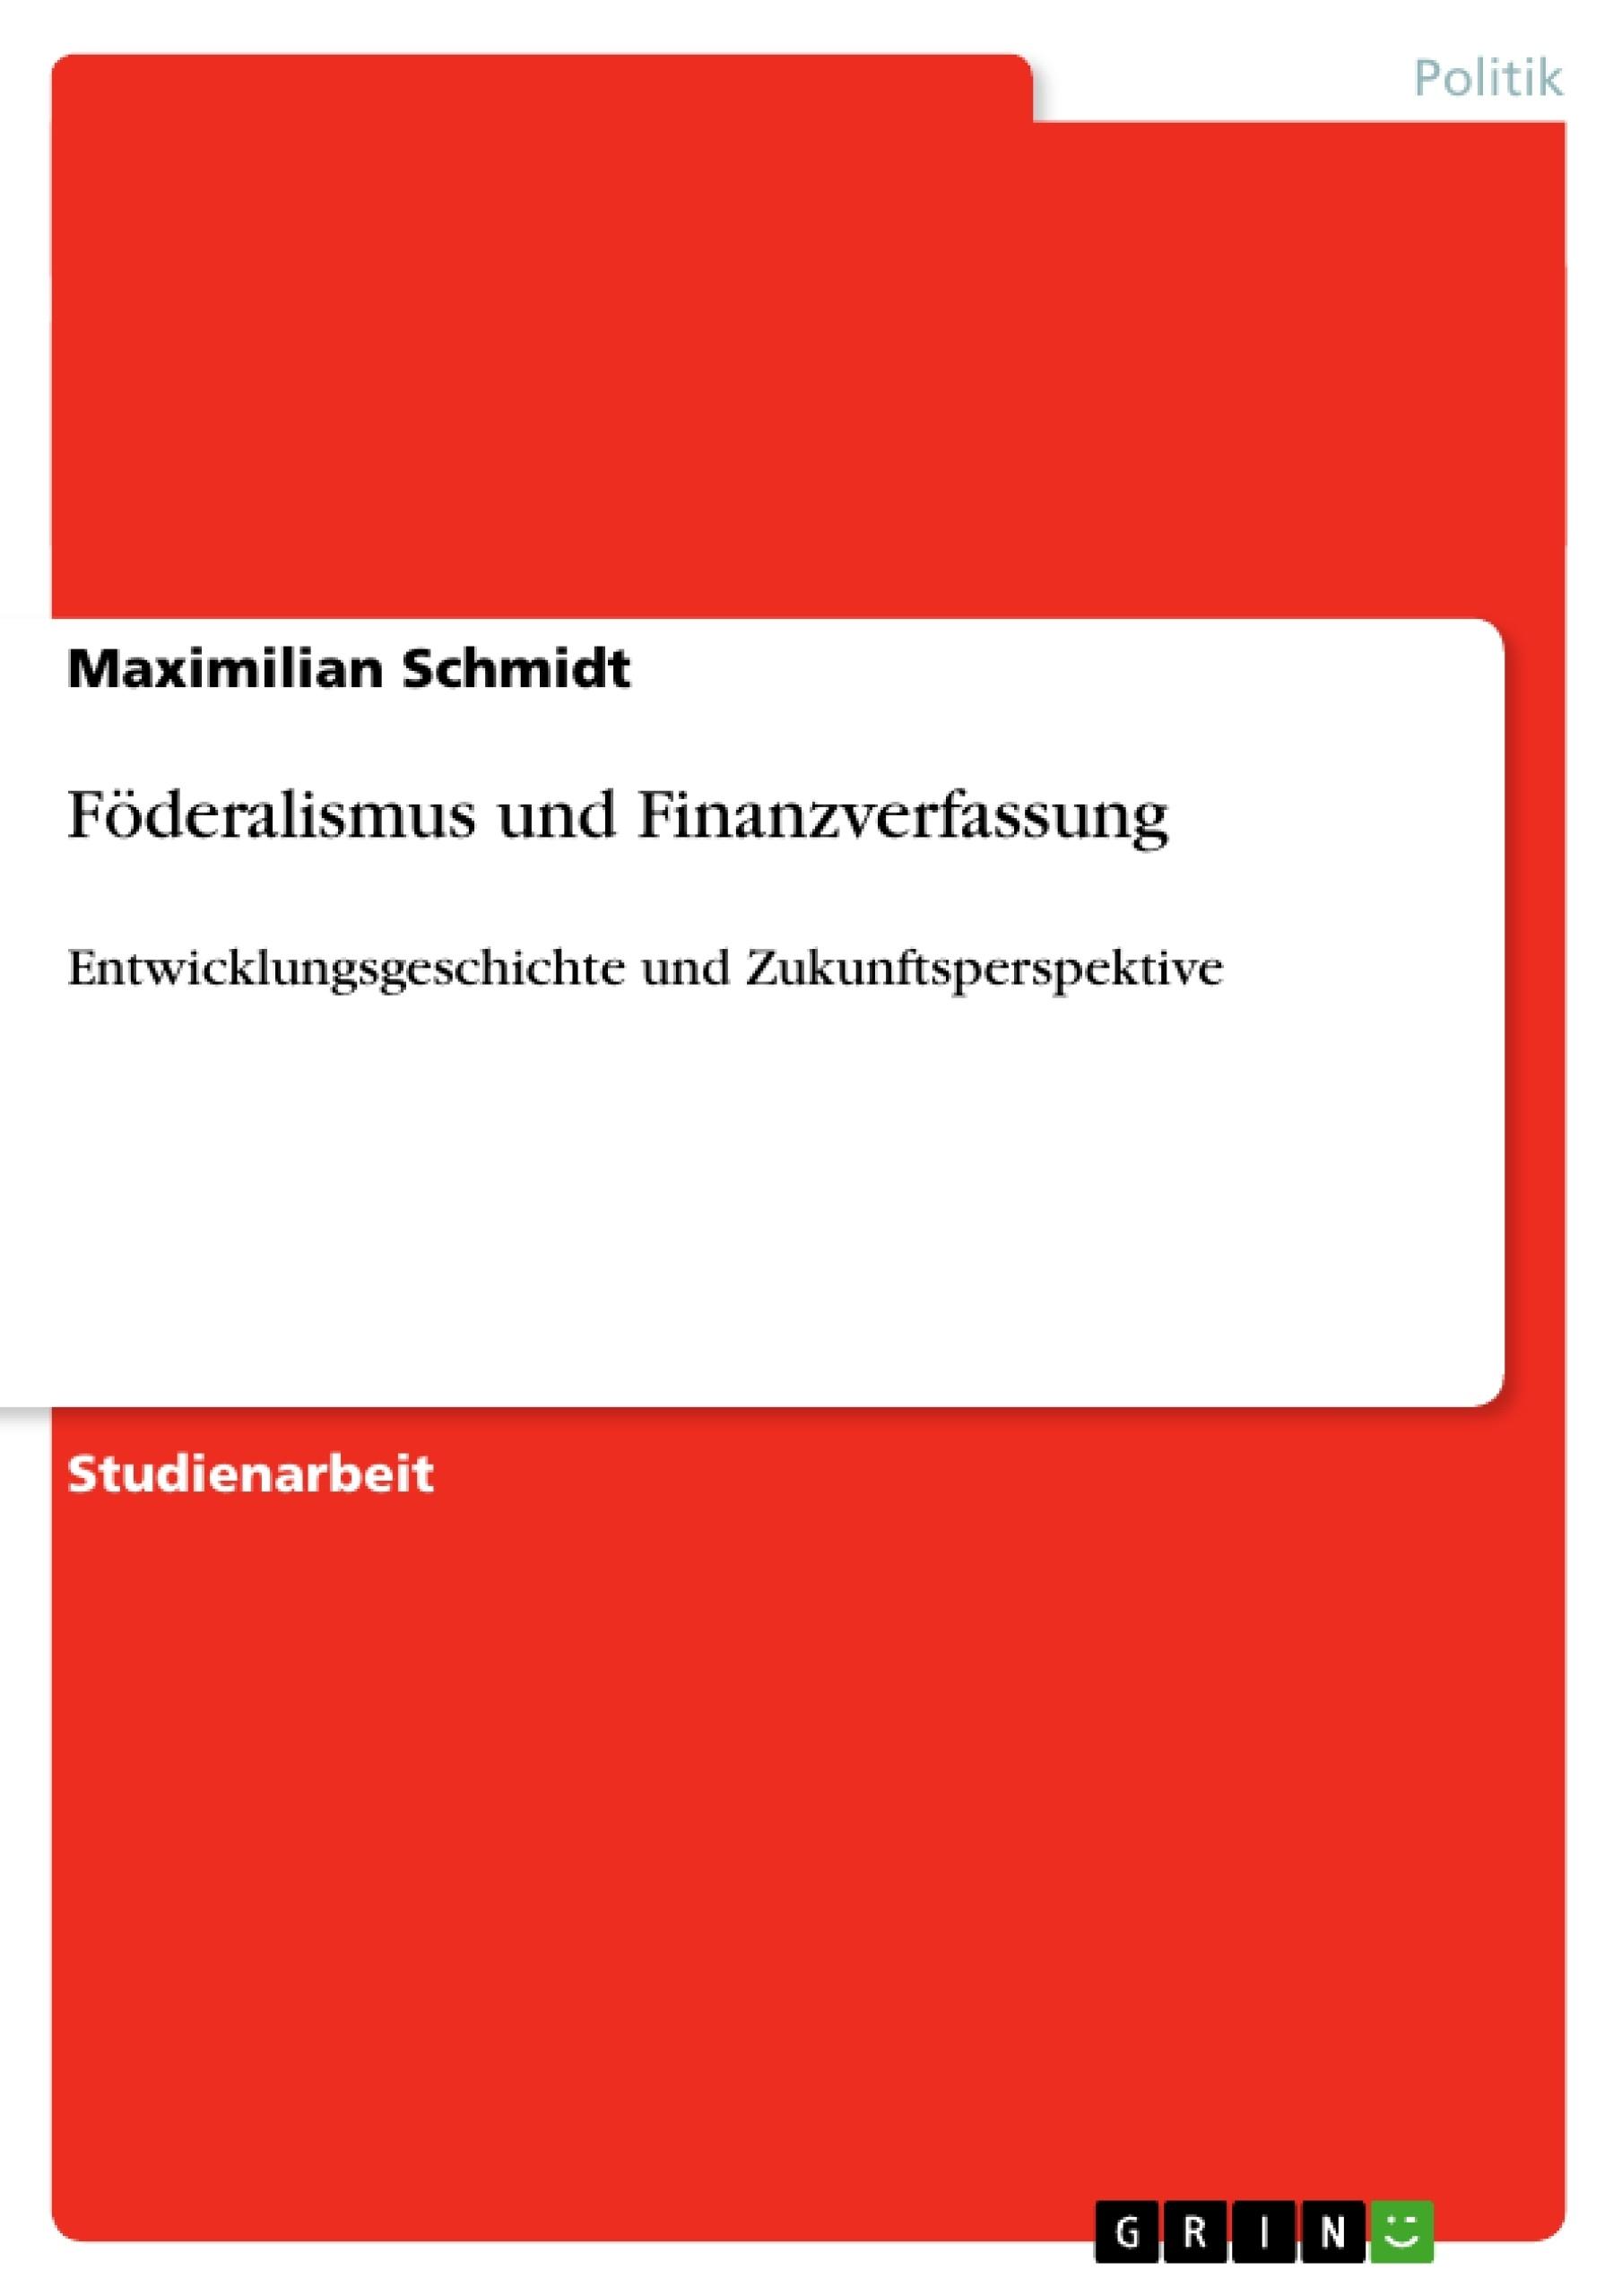 Titel: Föderalismus und Finanzverfassung